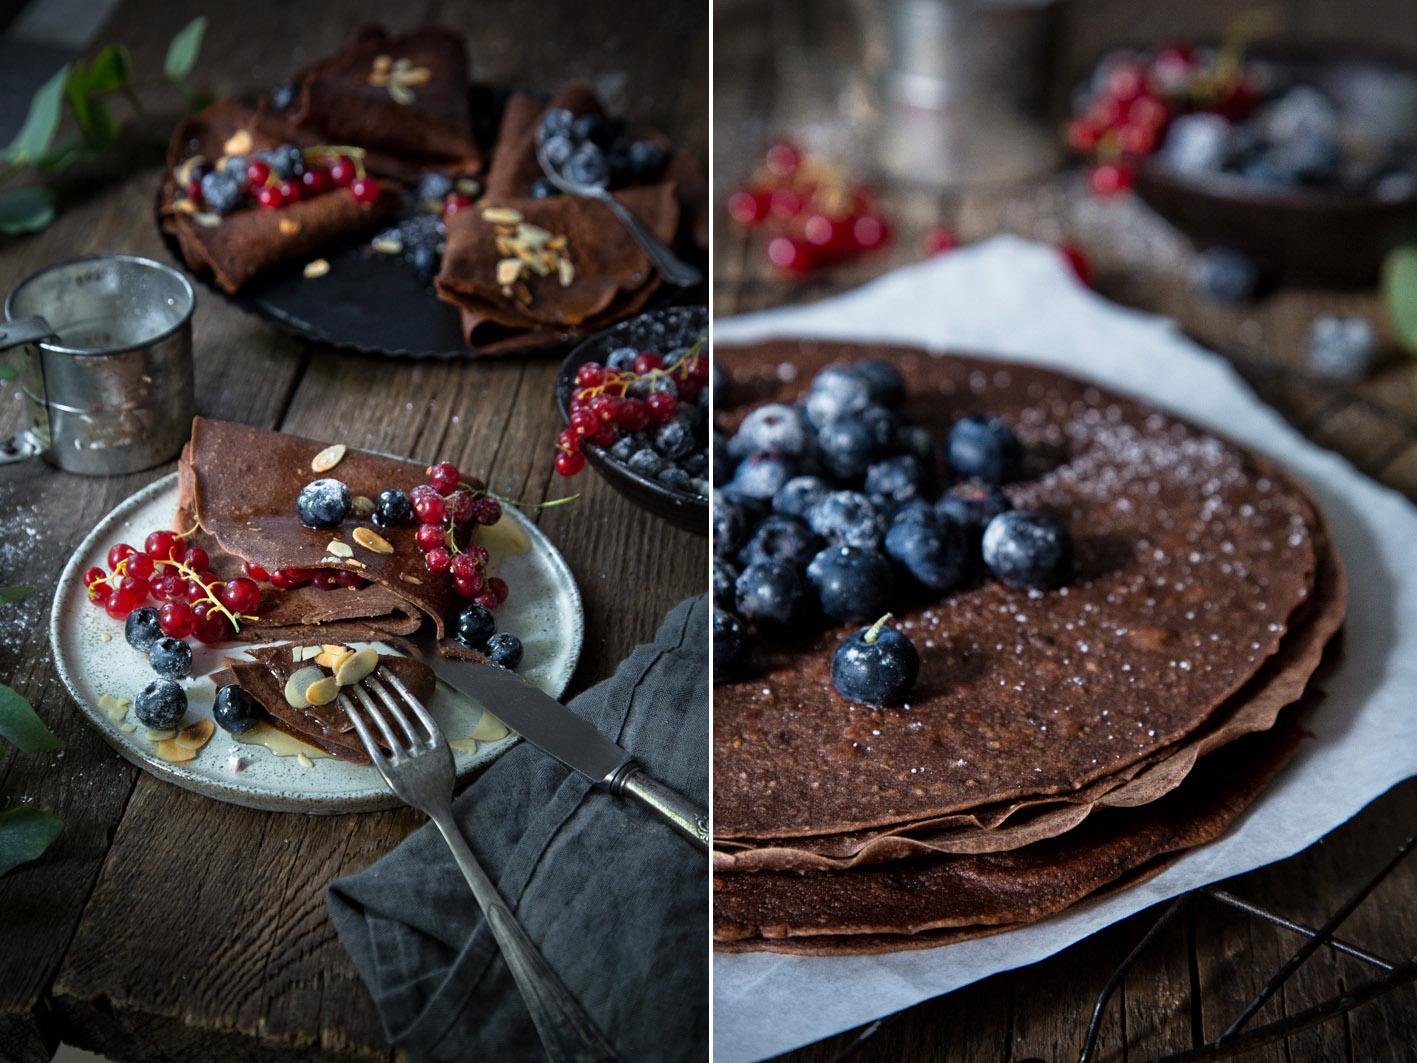 Schokoladen-Crepe mit Beeren